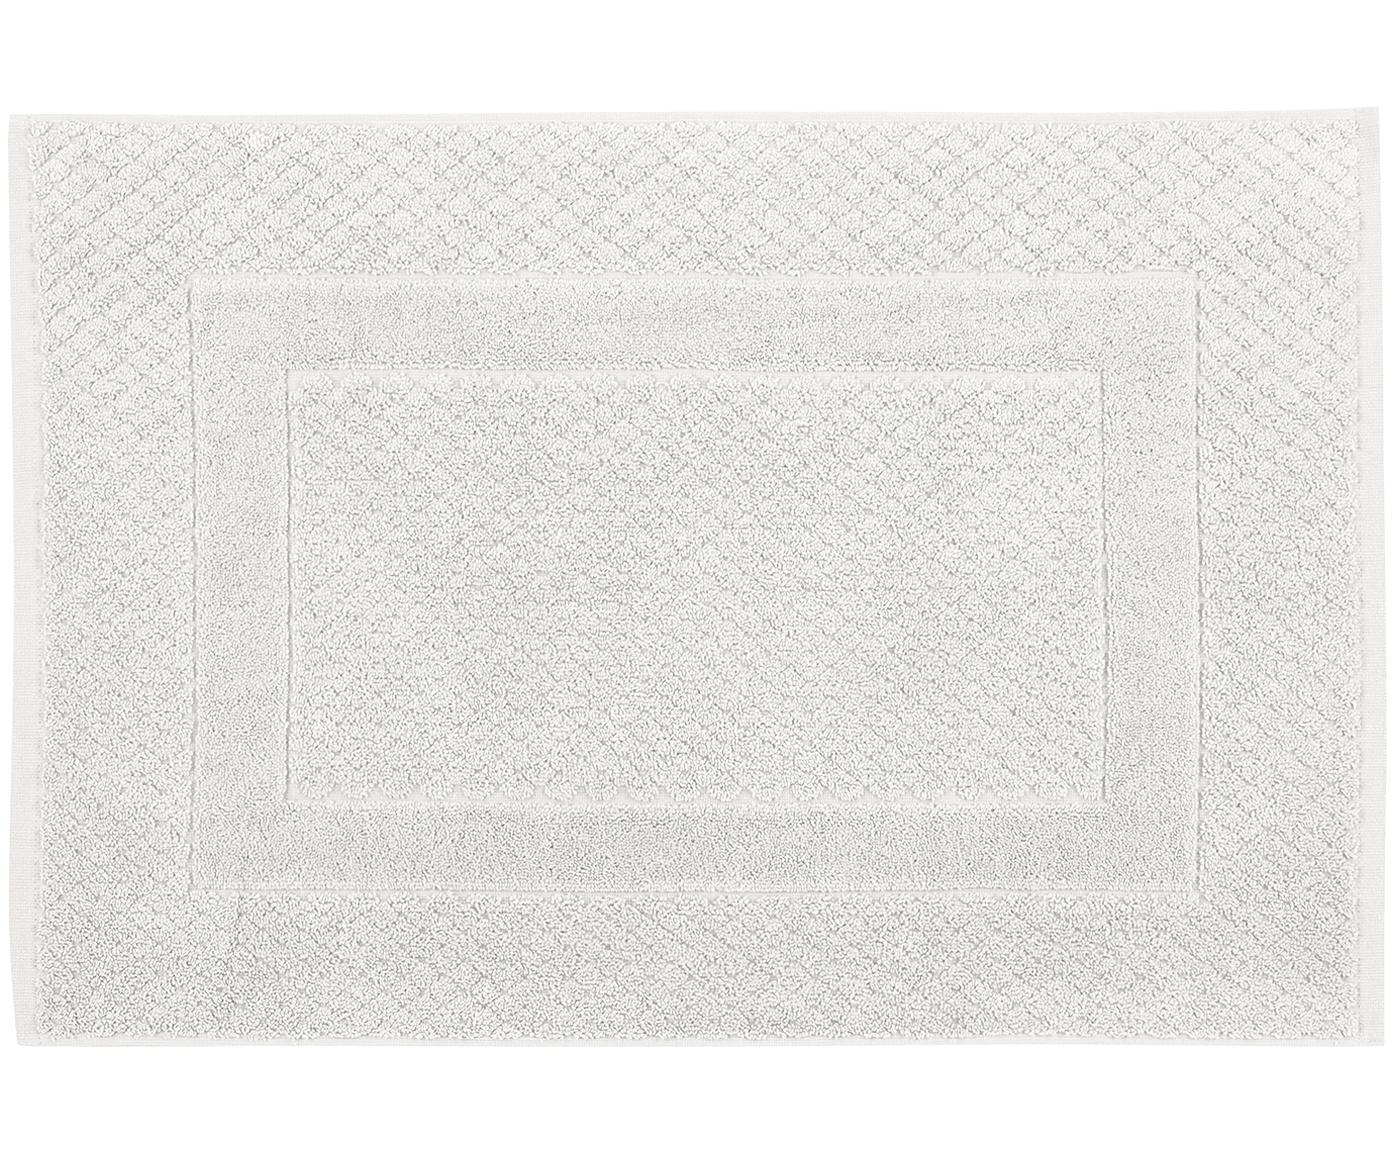 Dywanik łazienkowy Katharina, 100% bawełna, wysoka gramatura, 900g/m², Srebrnoszary, S 50 x D 70 cm